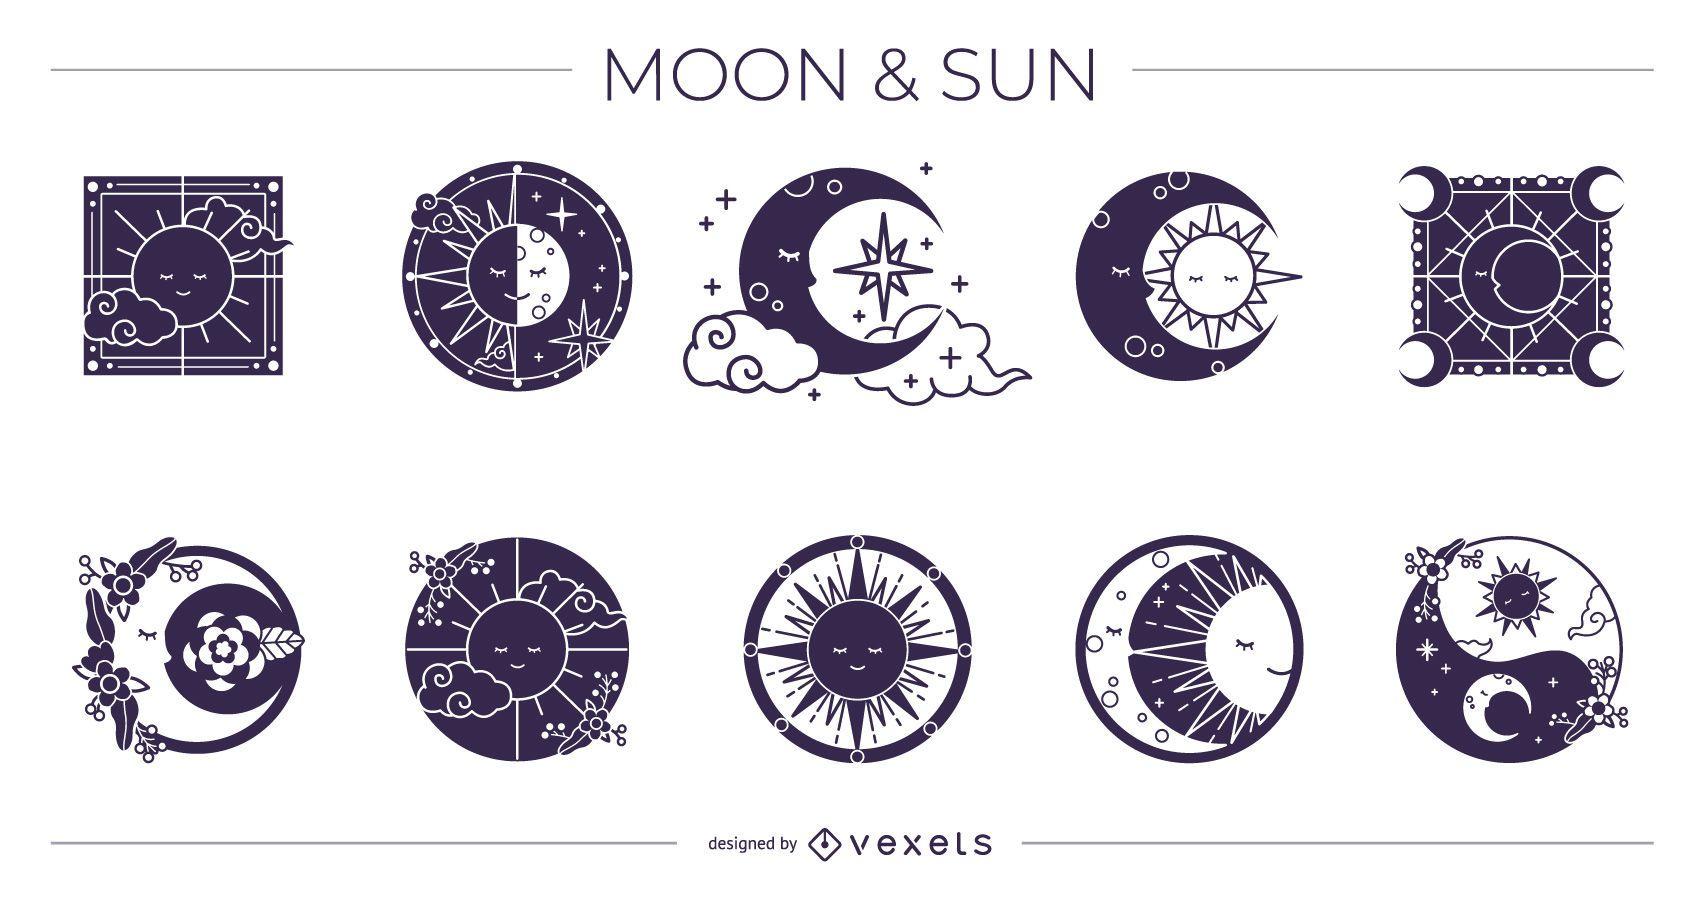 Paquete de diseño de silueta de luna y sol